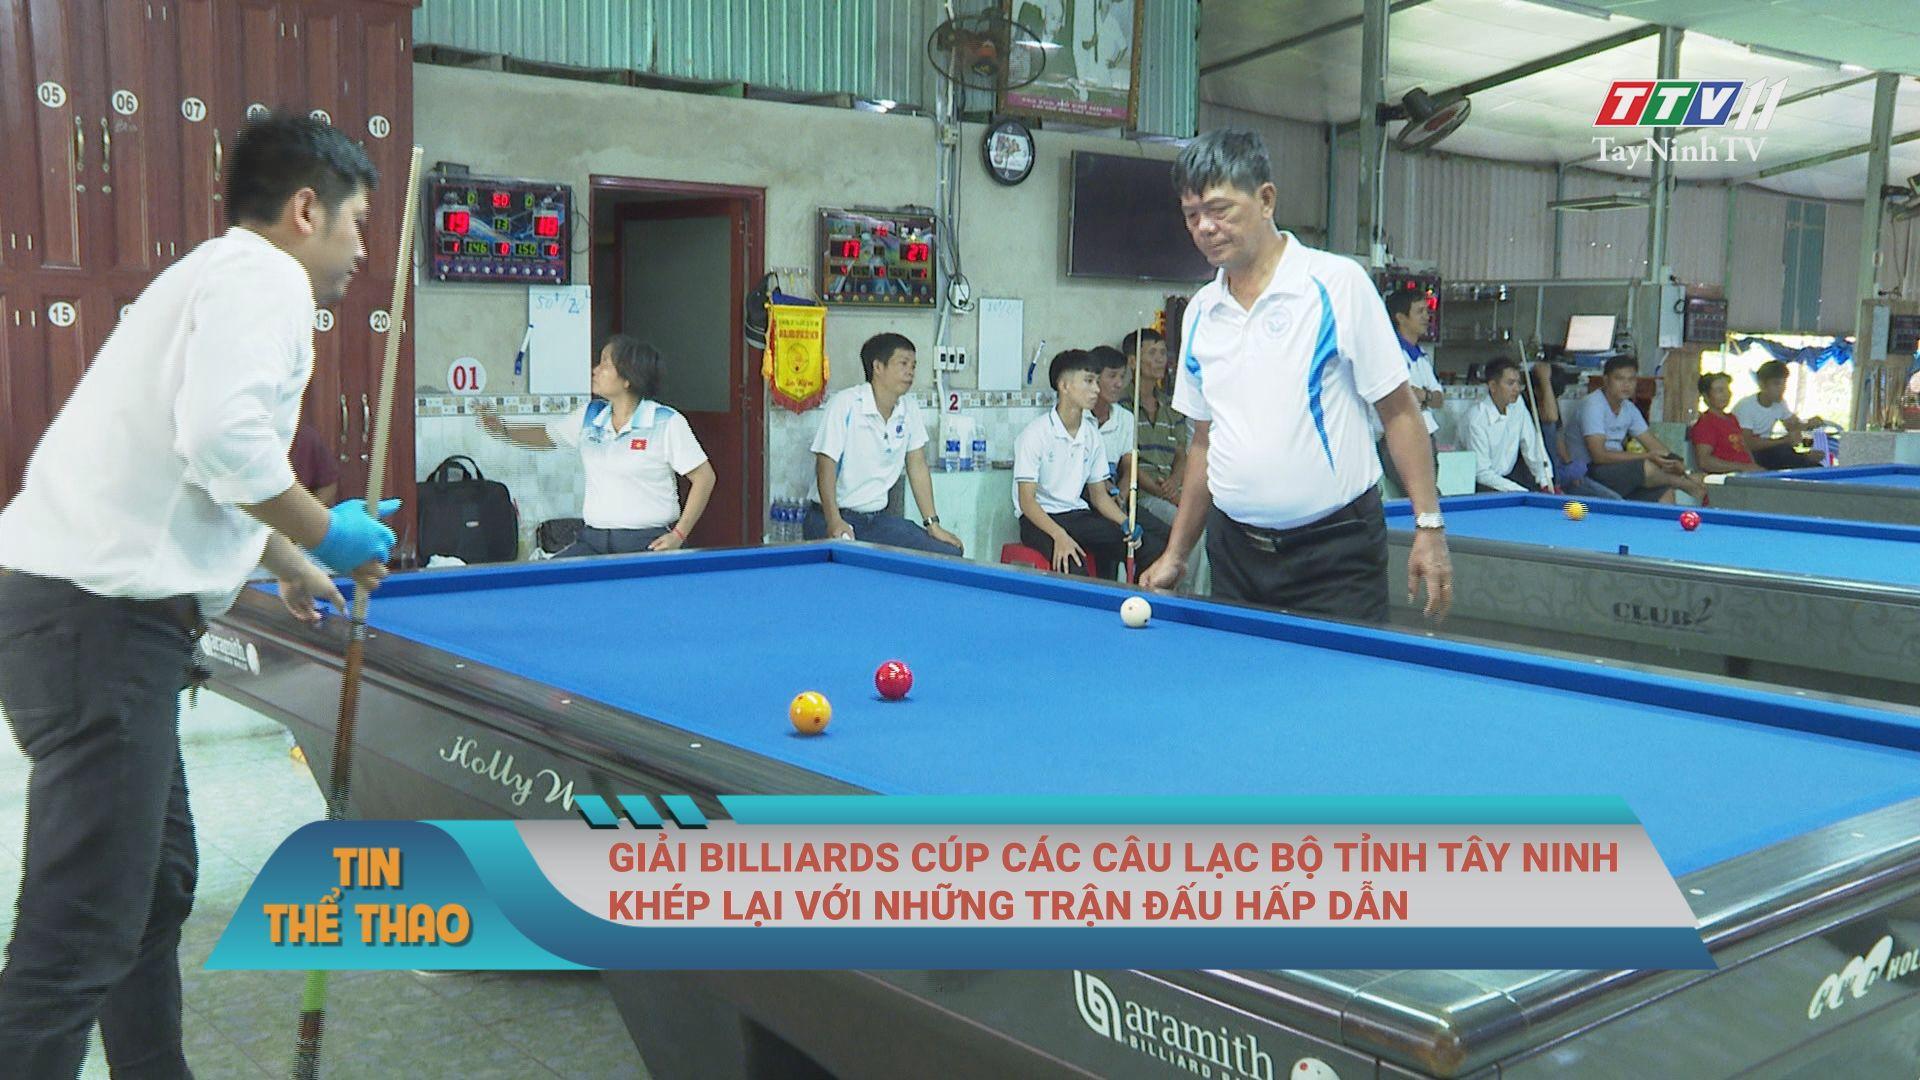 Giải Billiards cúp các câu lạc bộ tỉnh Tây Ninh khép lại với những trận đấu hấp dẫn | BẢN TIN THỂ THAO | TayNinhTV